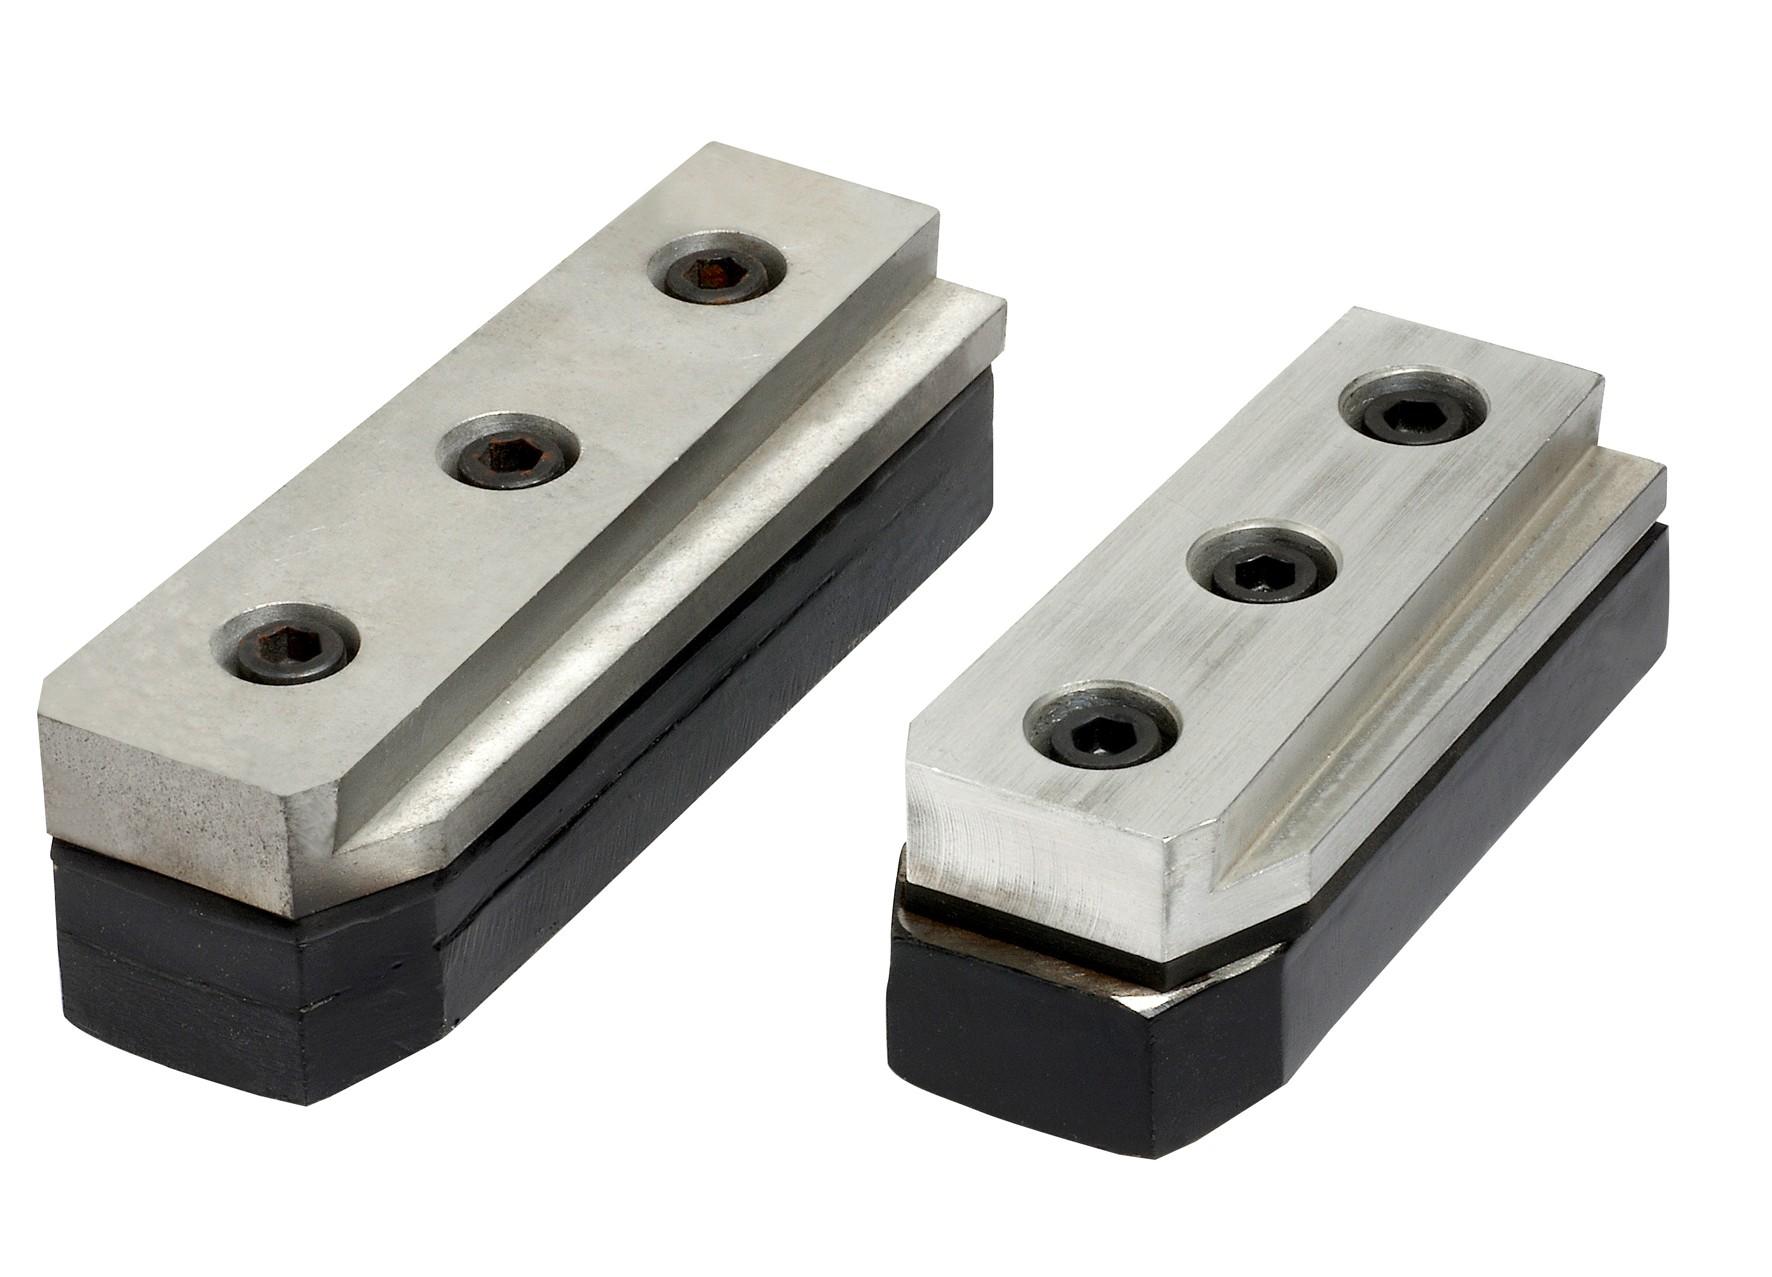 Metal Bonded Polishing Blocks Manufacturers, Metal Bonded Polishing Blocks Factory, Supply Metal Bonded Polishing Blocks